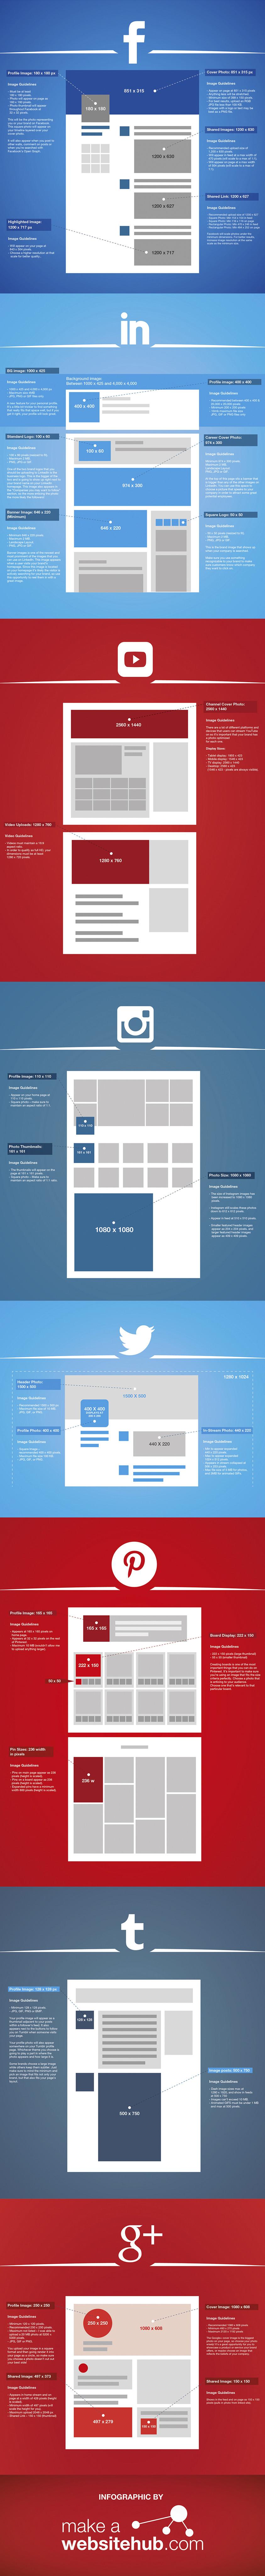 Dimensions des images des différents réseaux sociaux 2016